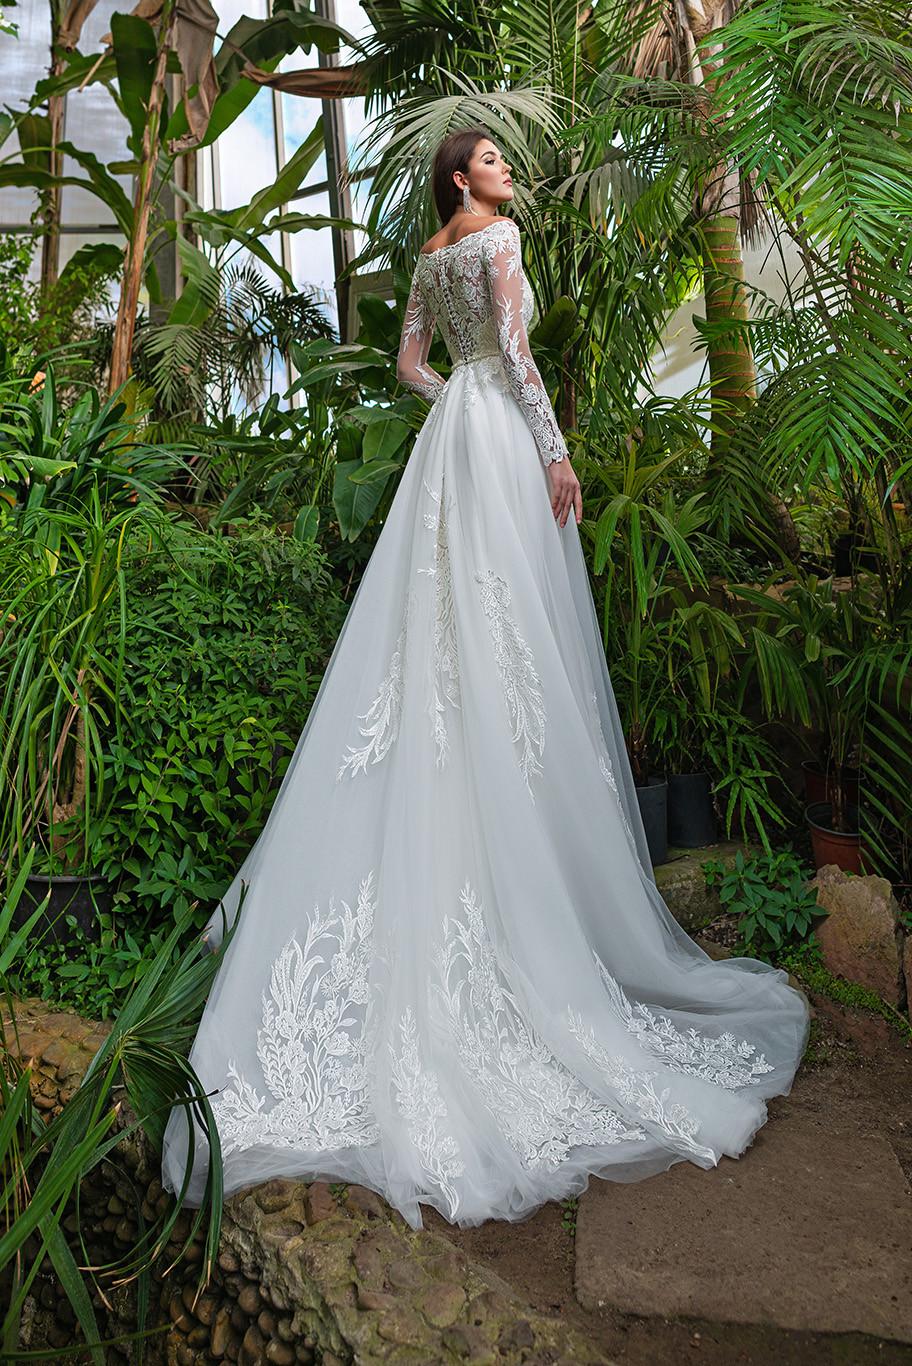 Felicita - A-line wedding dress from bridal designer Annette Moretti by Hadassa